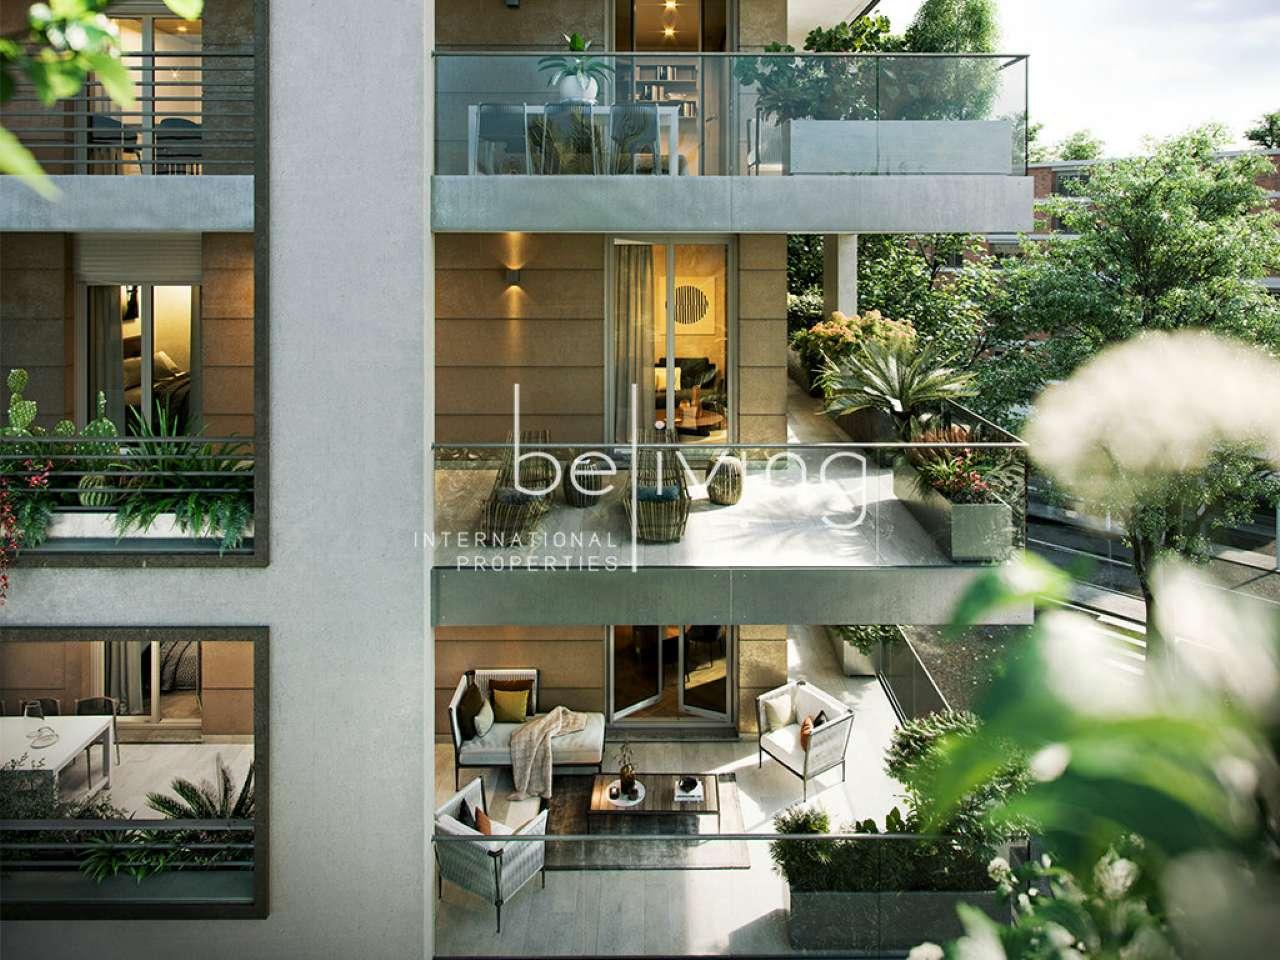 Appartamento in vendita a Roma, 4 locali, zona Zona: 25 . Trastevere - Testaccio, prezzo € 689.000 | CambioCasa.it